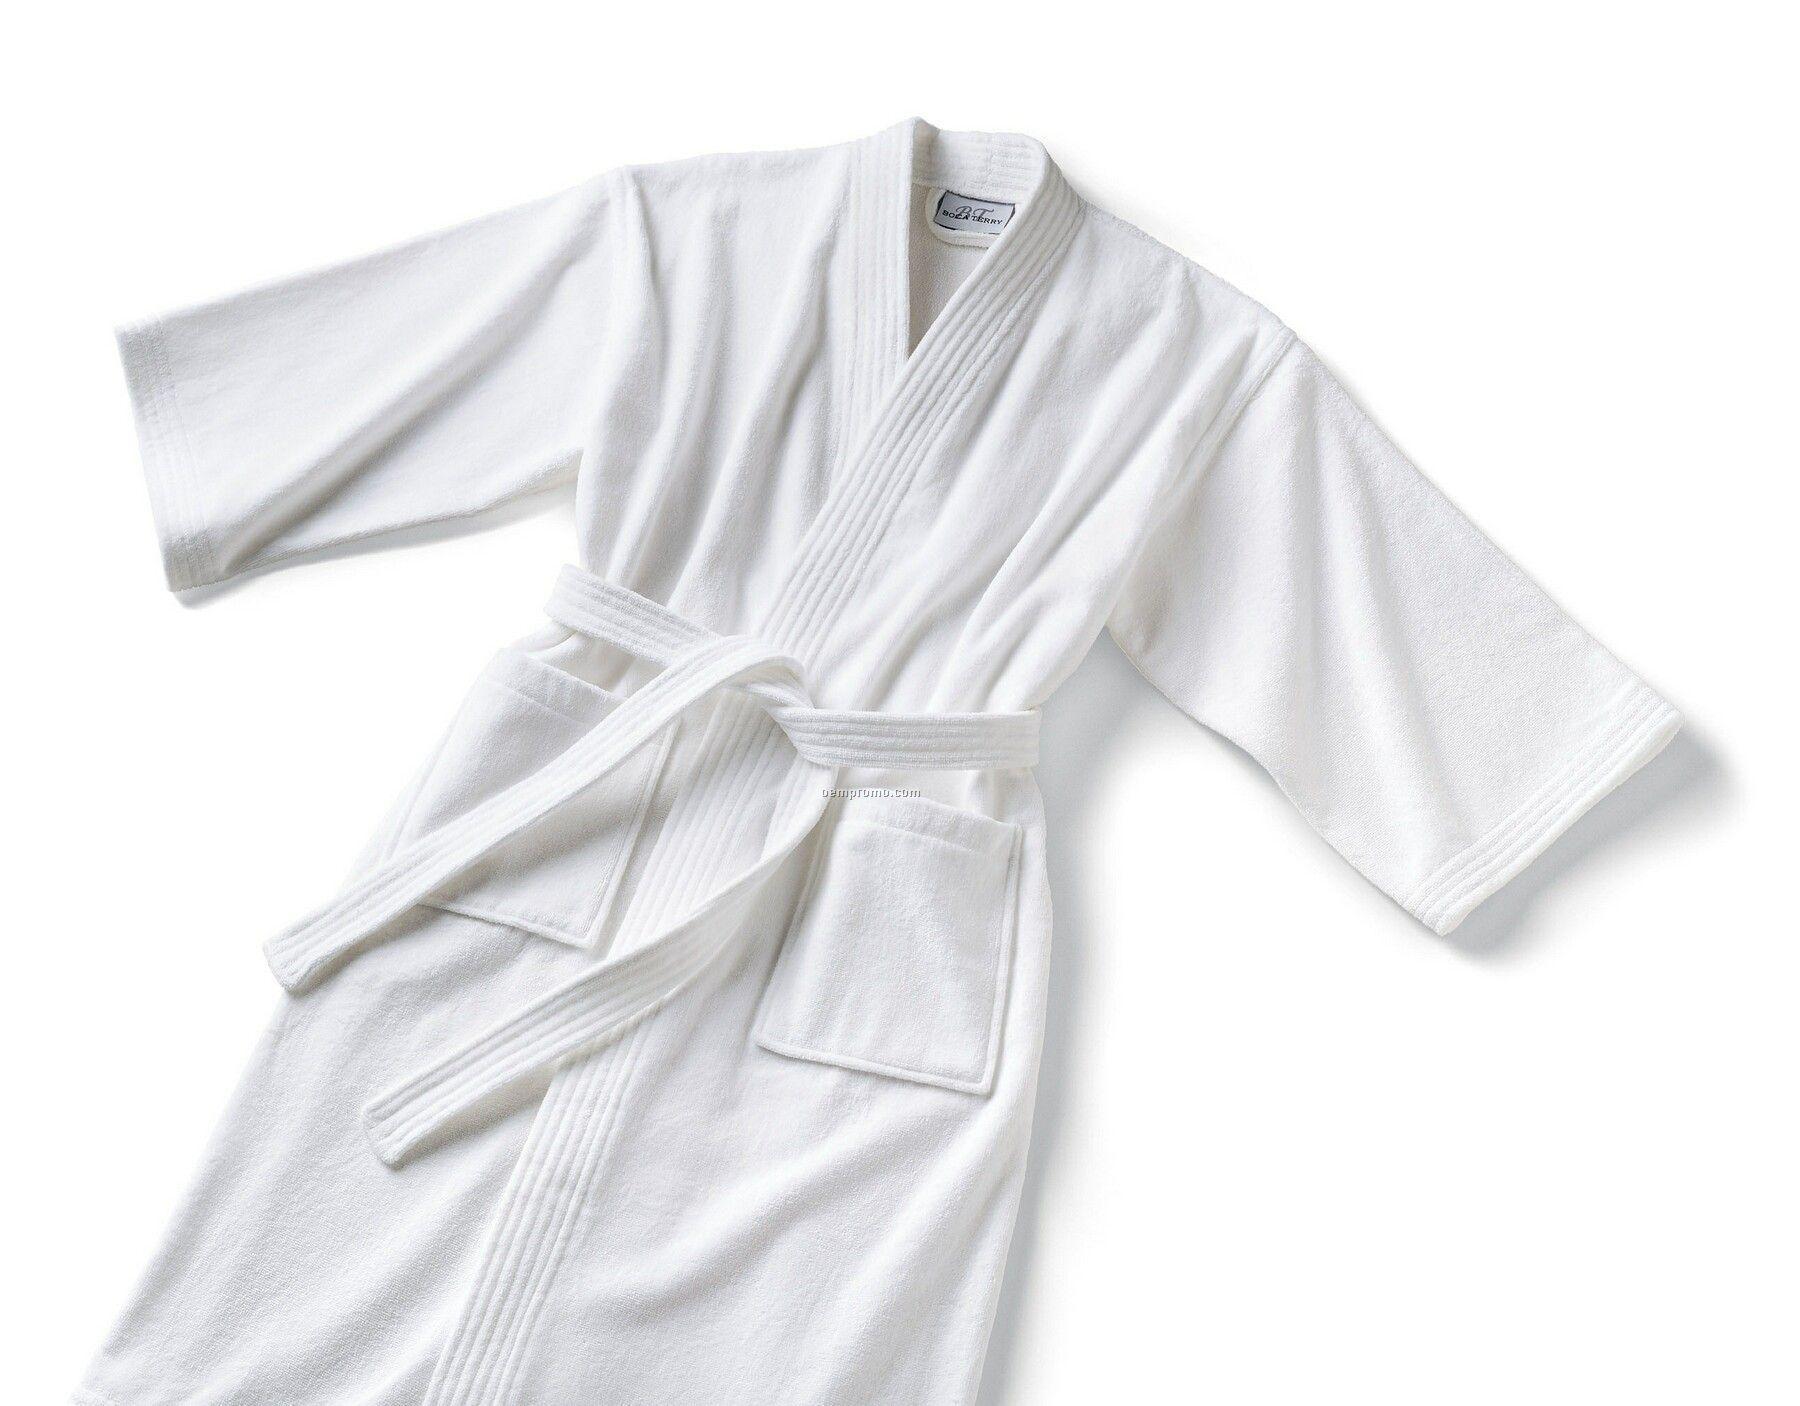 Basic Kimono Robe - 14 Oz. Velour